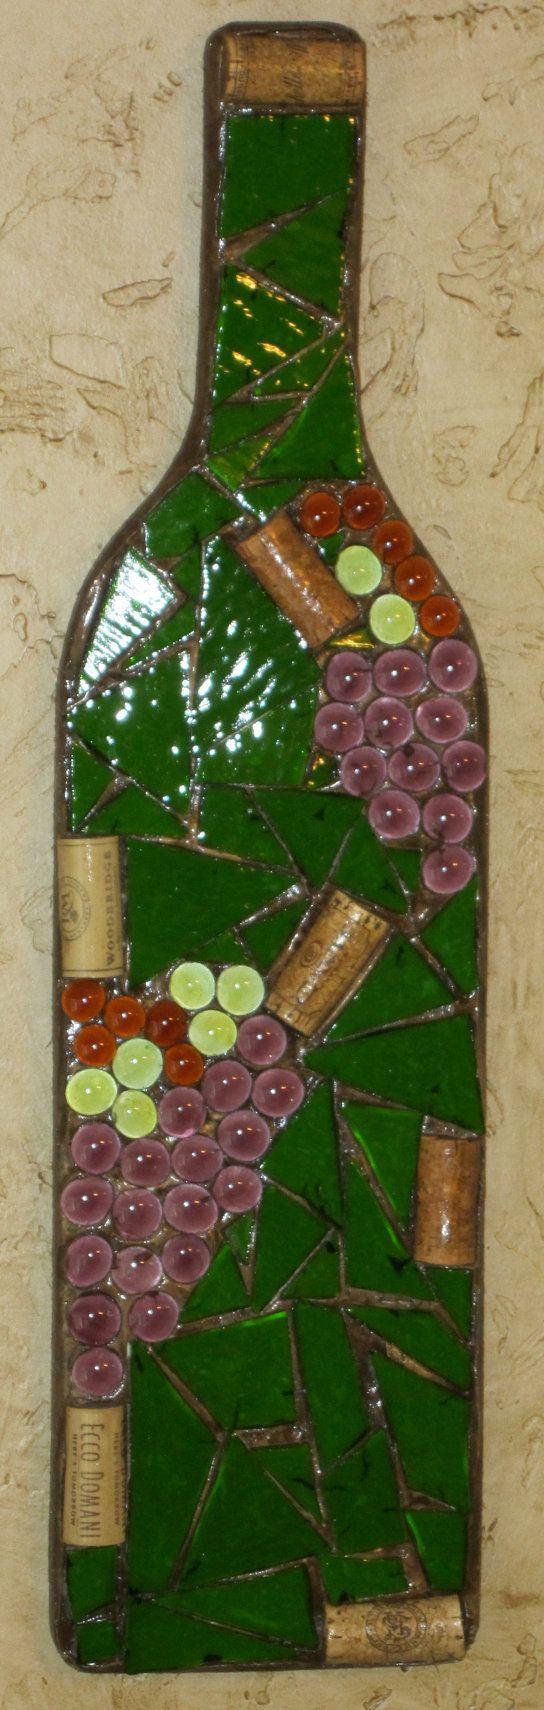 how to break wine bottles for mosaic